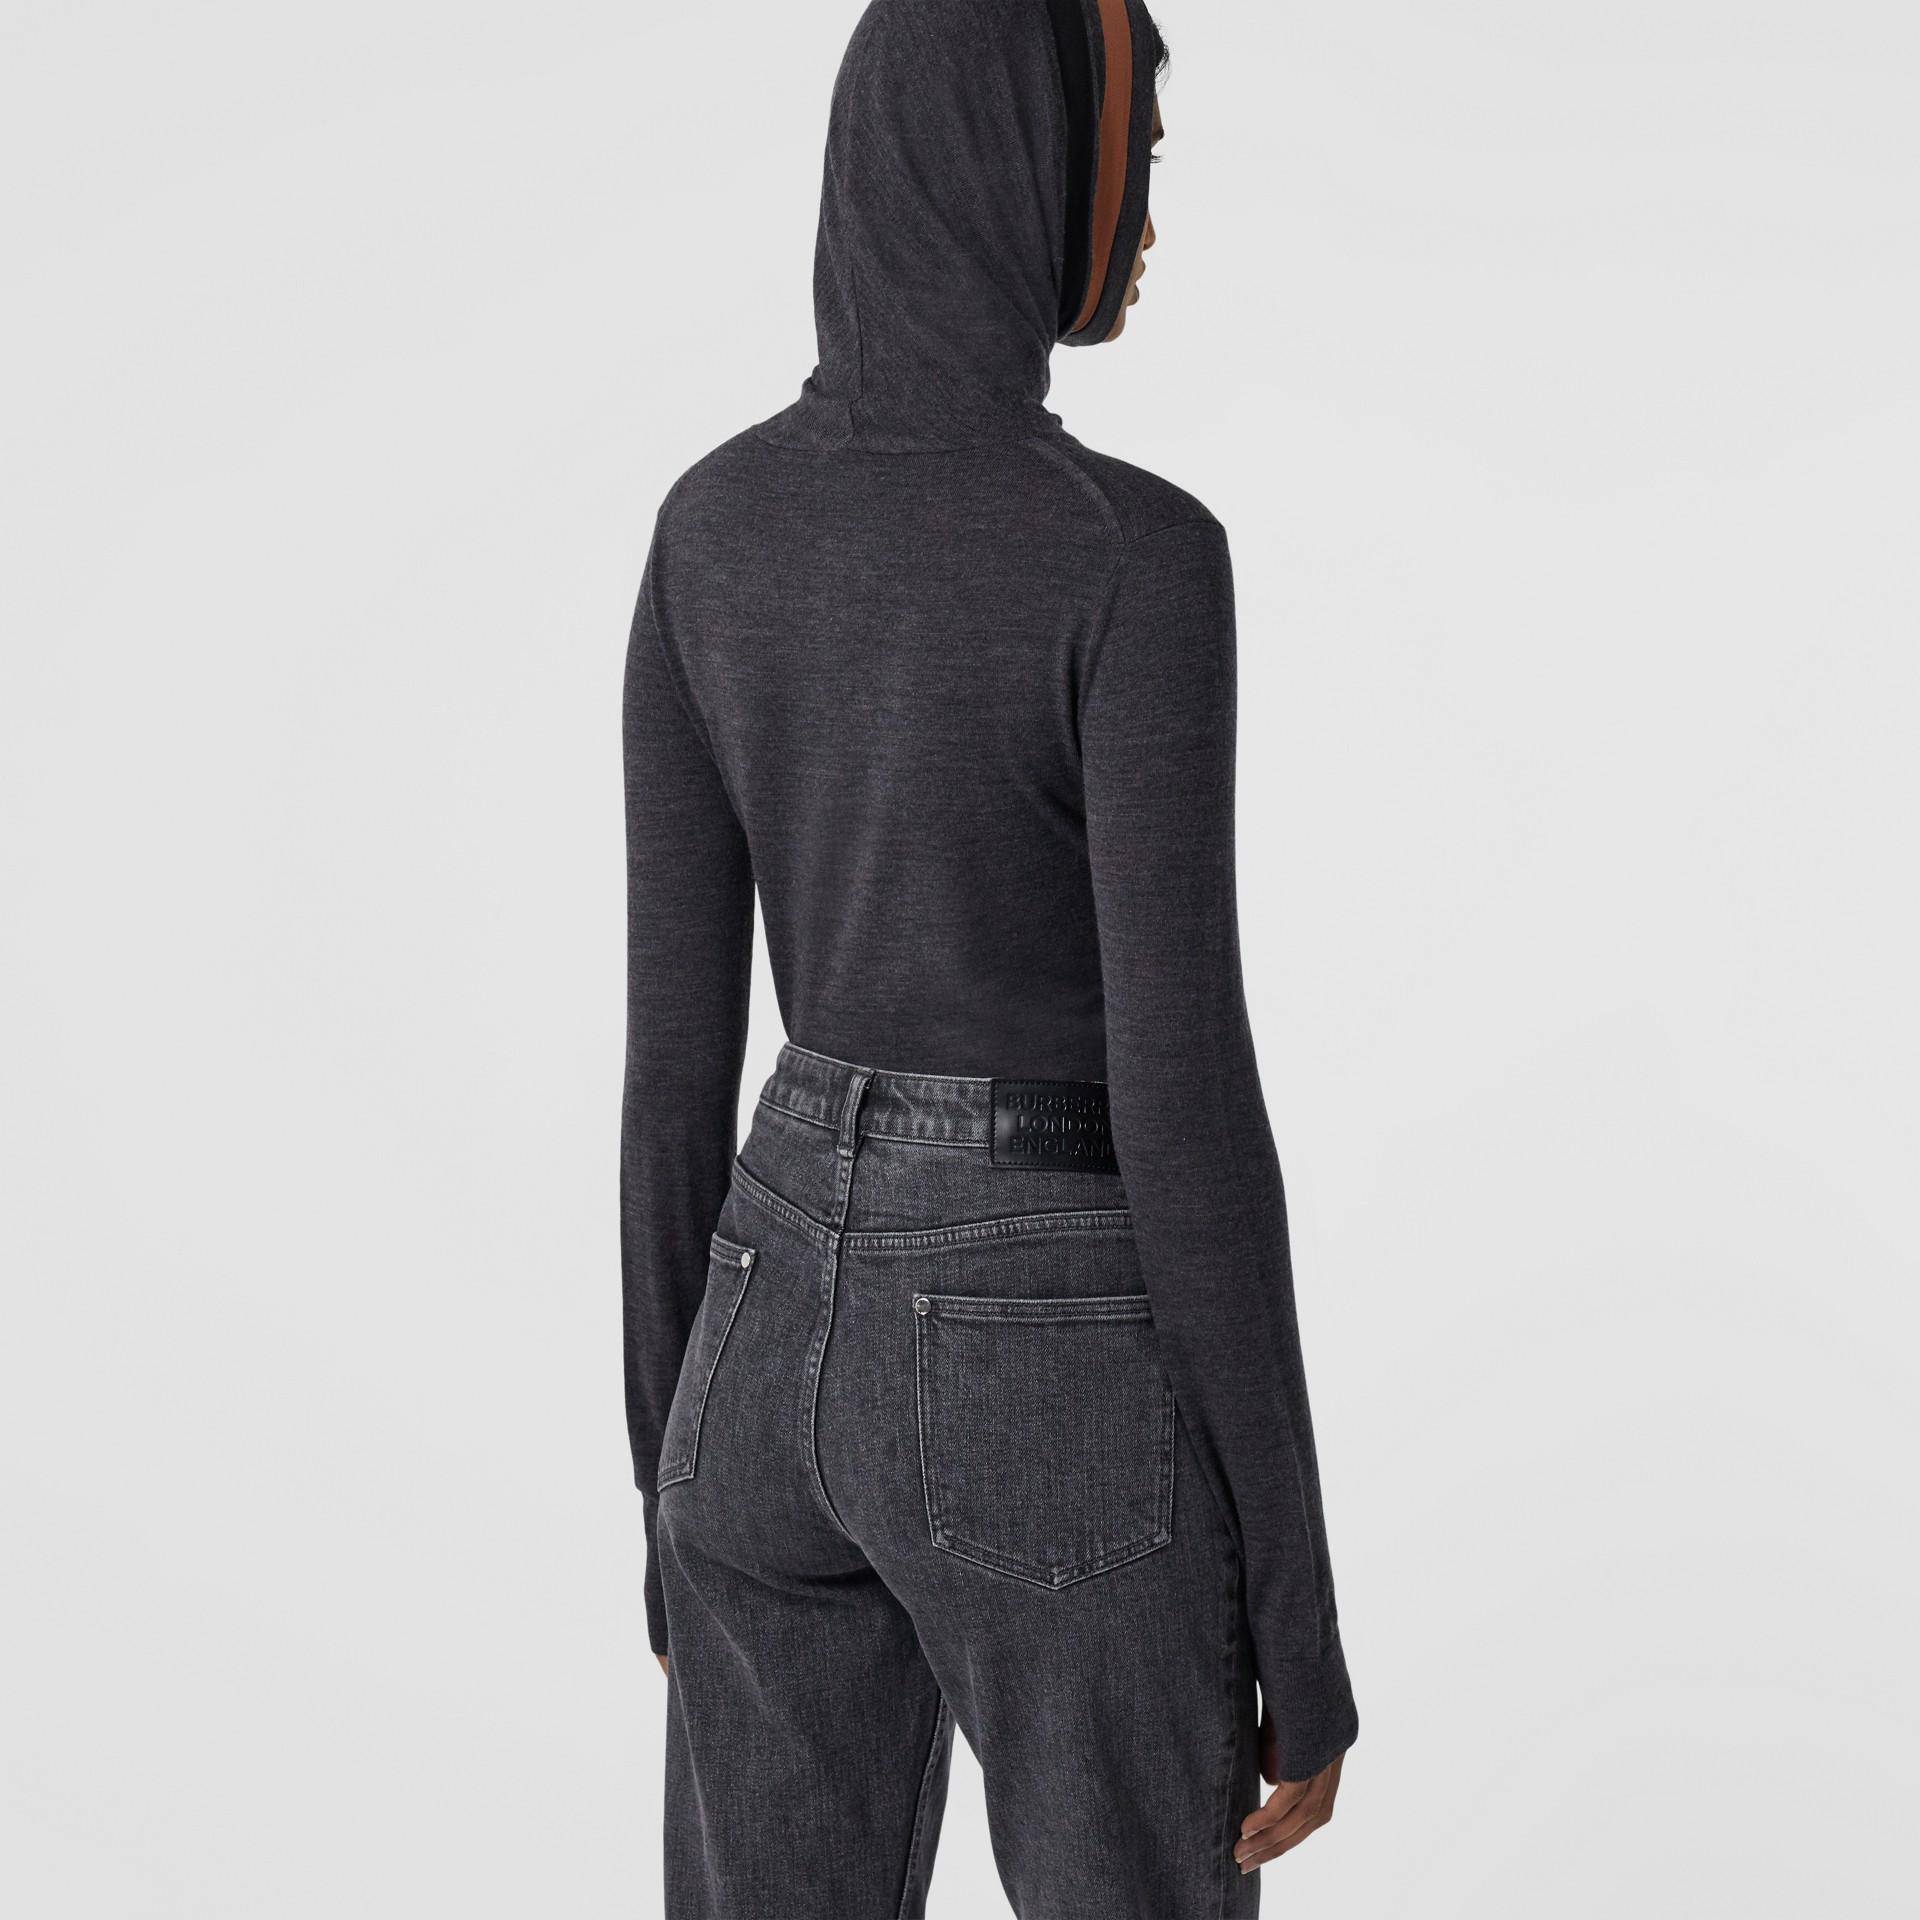 Stripe Detail Merino Wool Hooded Top in Dark Grey Melange - Women | Burberry - gallery image 2